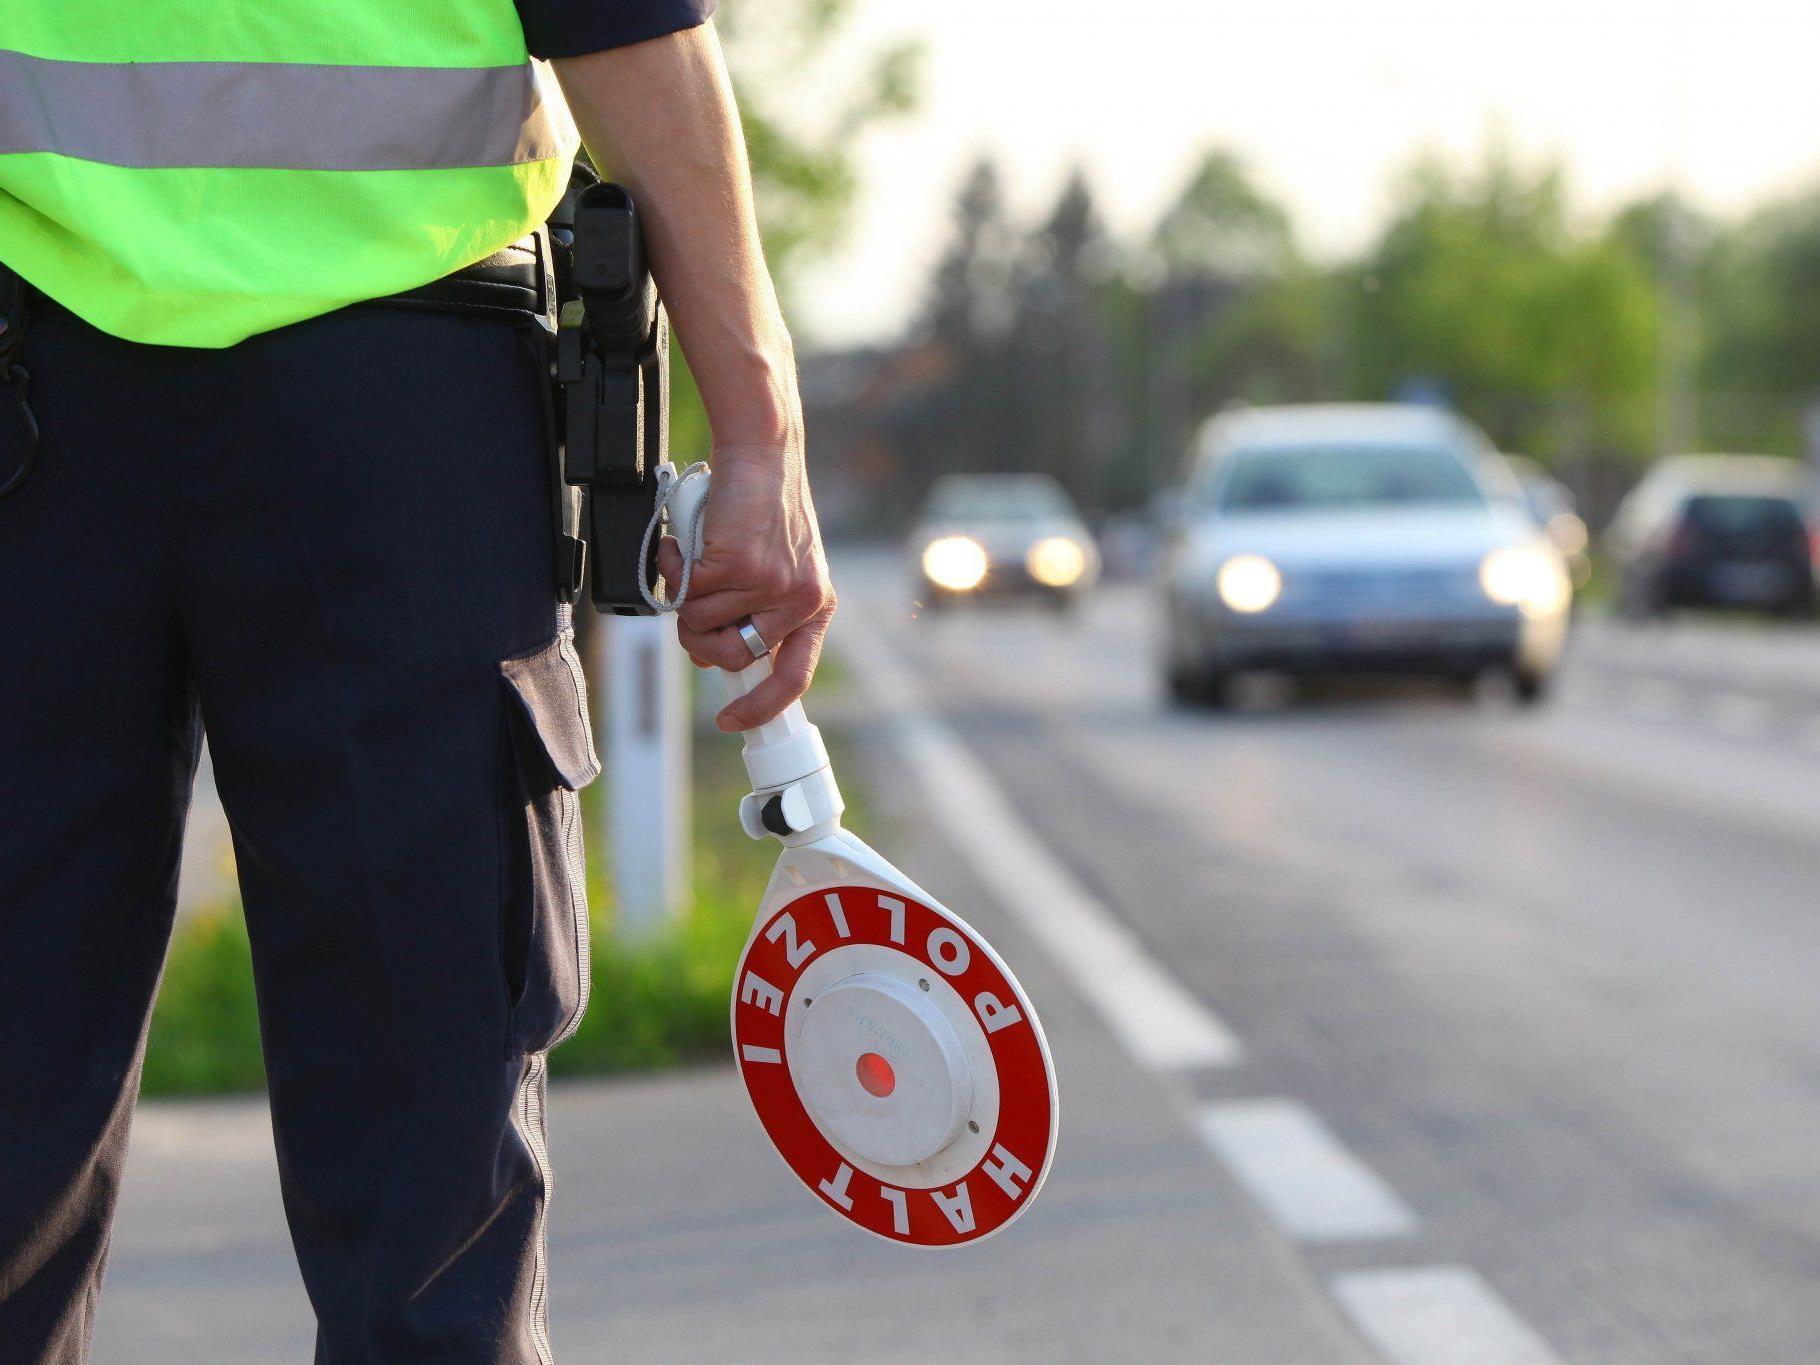 Der 52-jährige Verkehrspolizist soll Strafgelder – beispielsweise von Geschwindigkeitskontrollen – nicht ordnungsgemäß abgeführt haben.